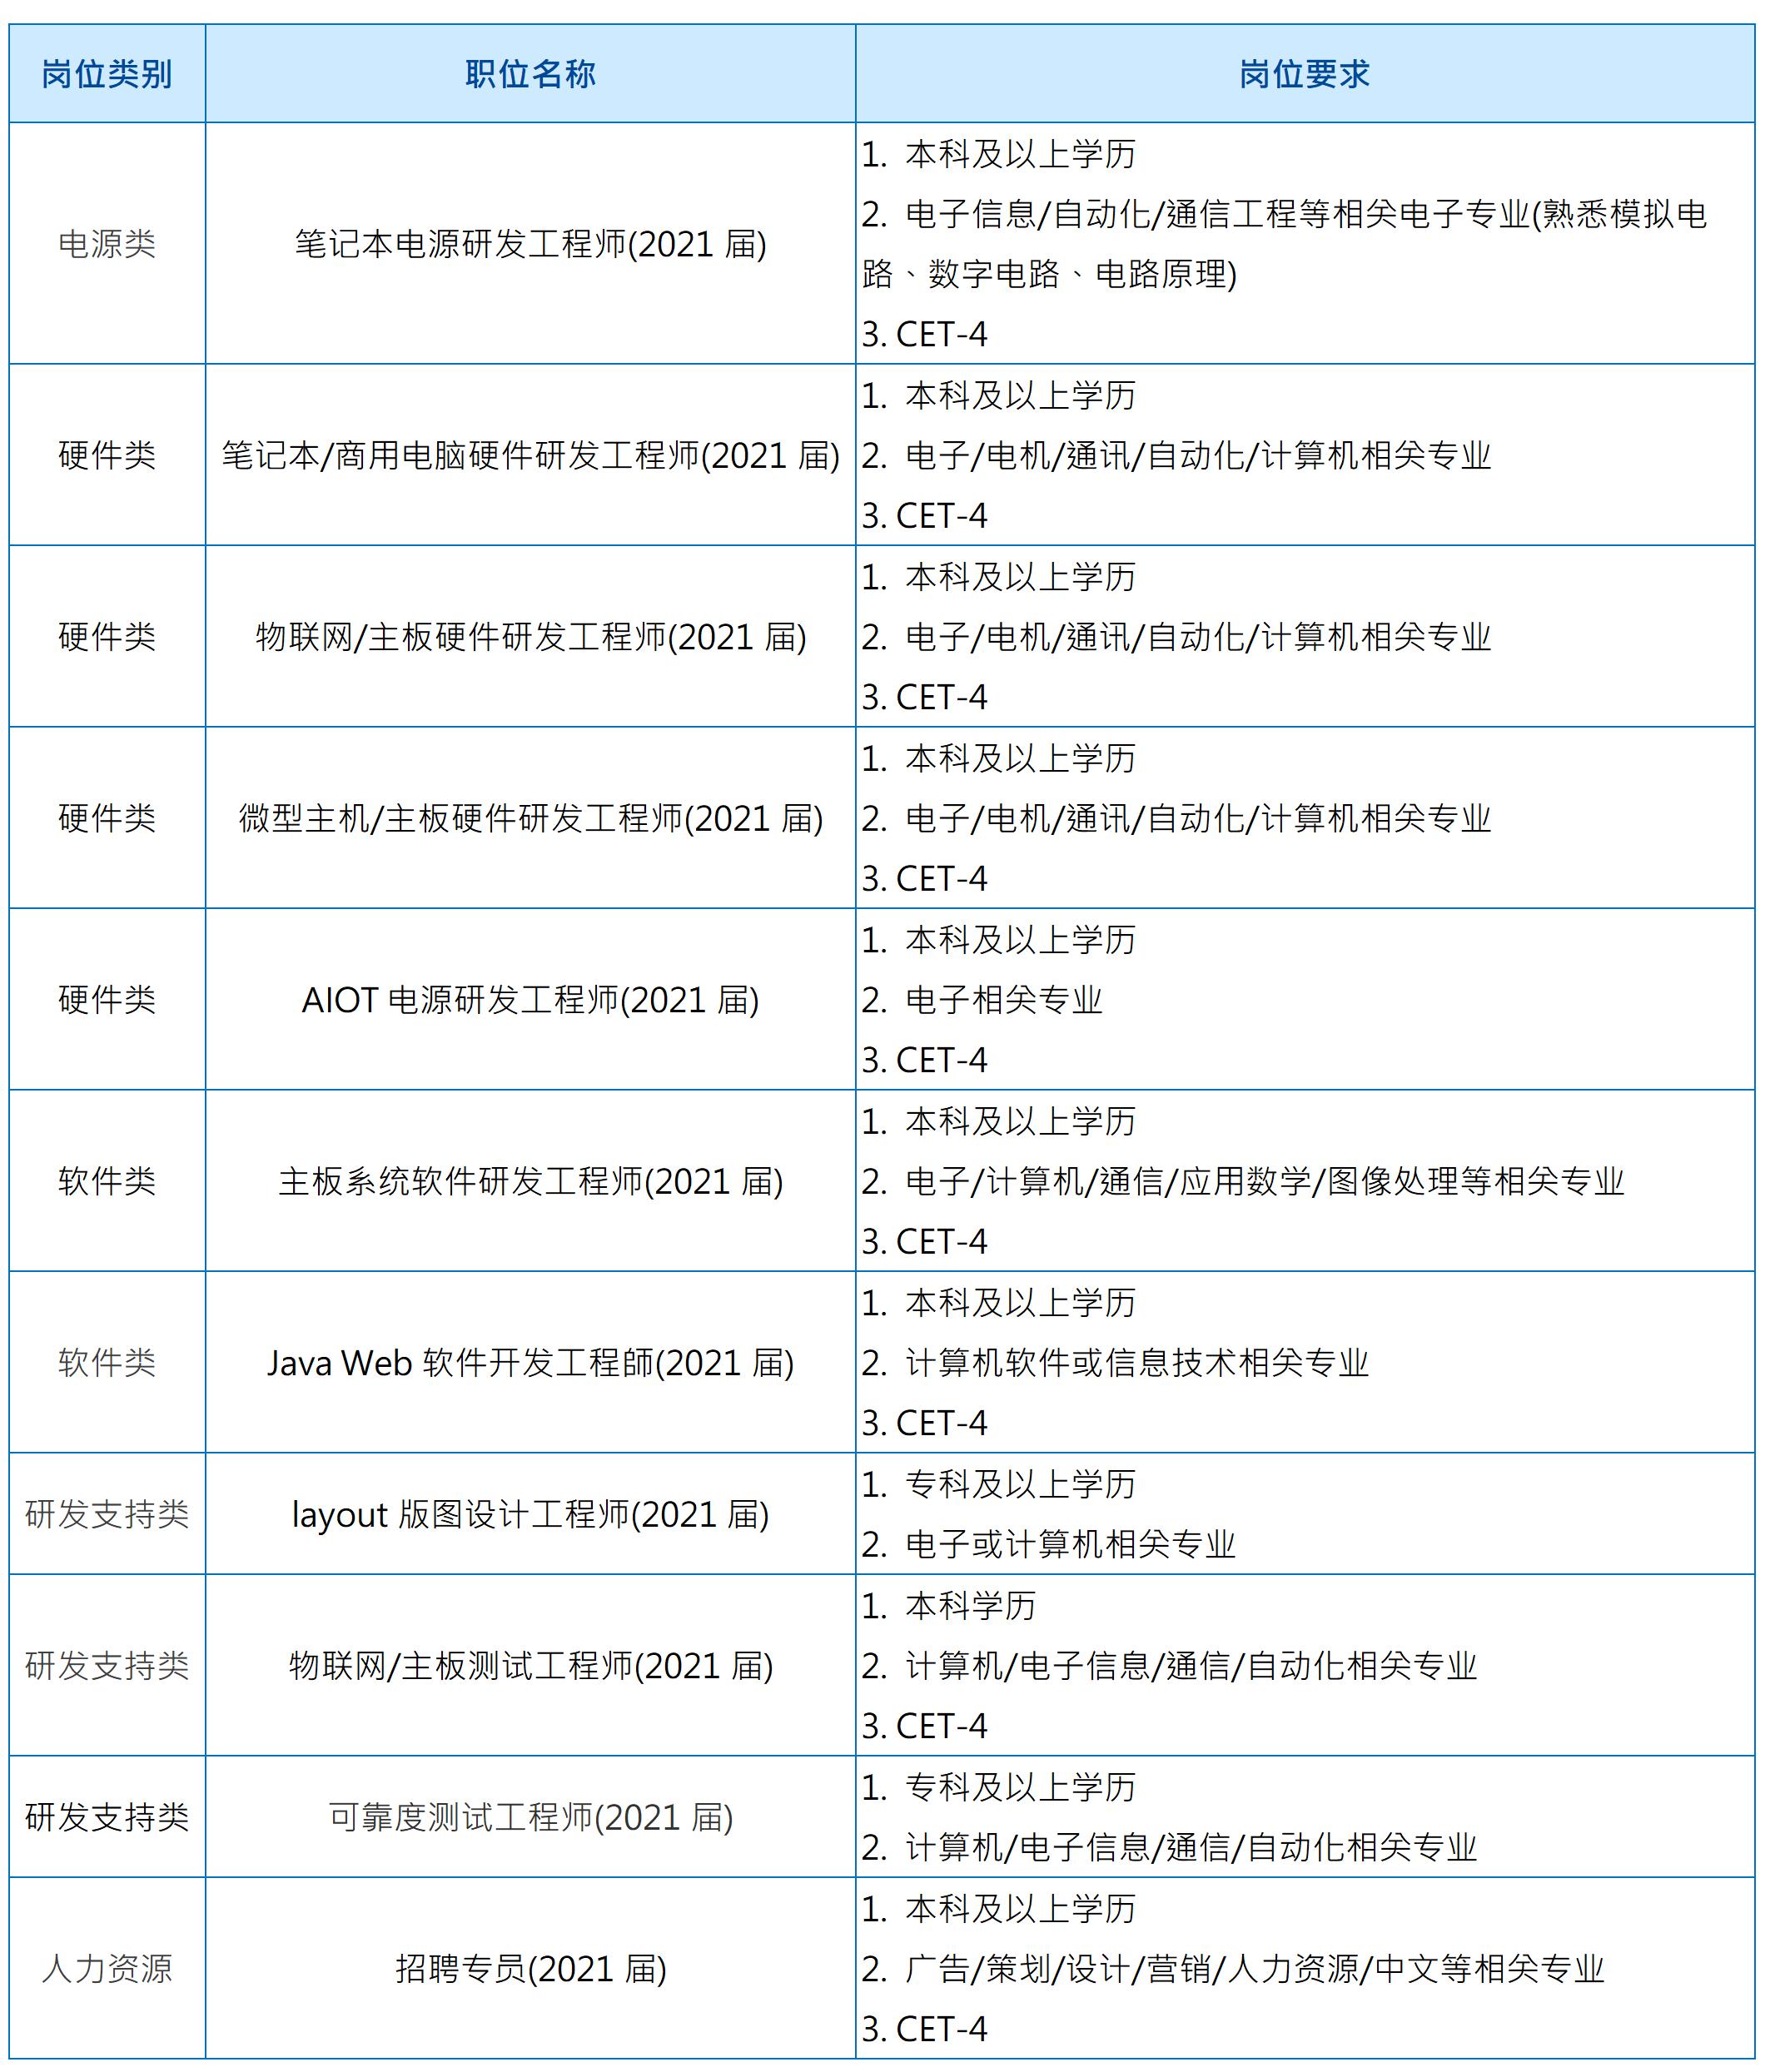 简化版本【招聘简章】华硕苏州研发中心2021春季校园招聘 - 複製_01.png